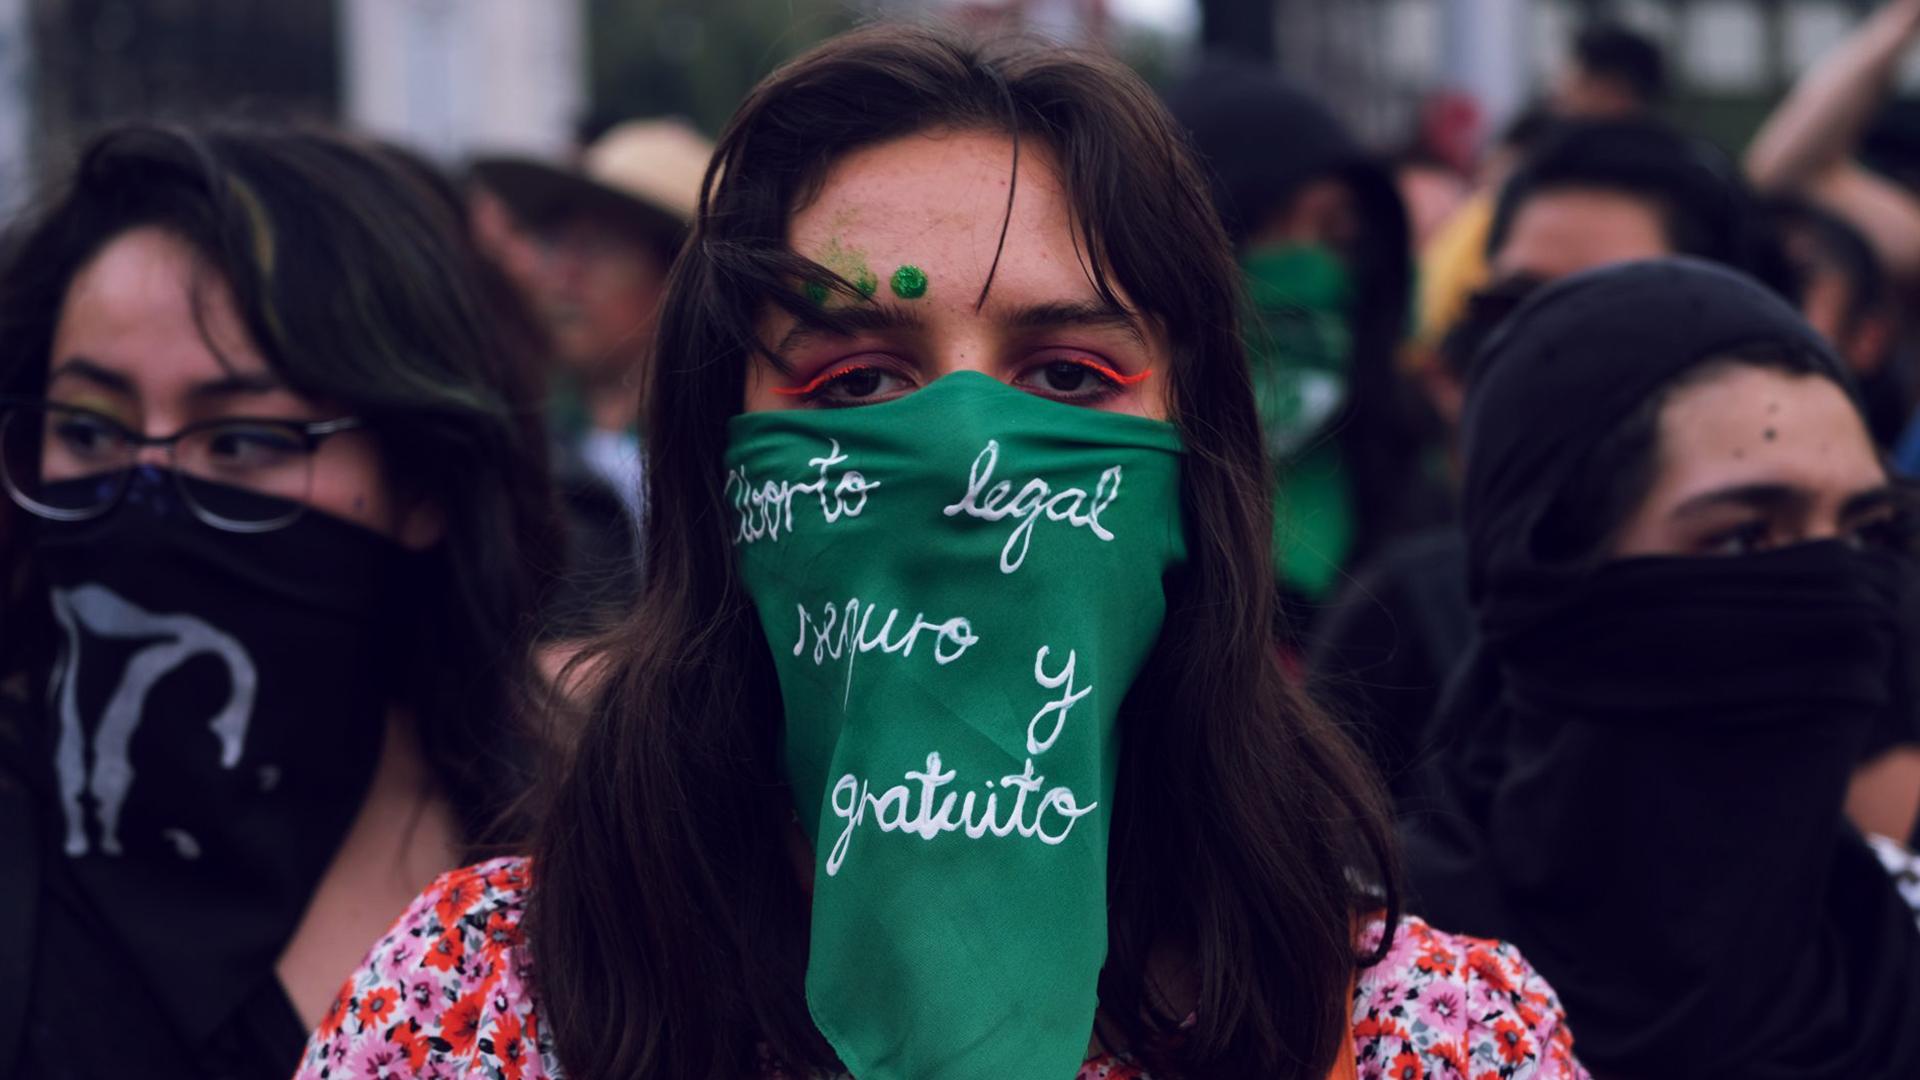 Mujer con tapabocas verde se manifiesta en pro del aborto